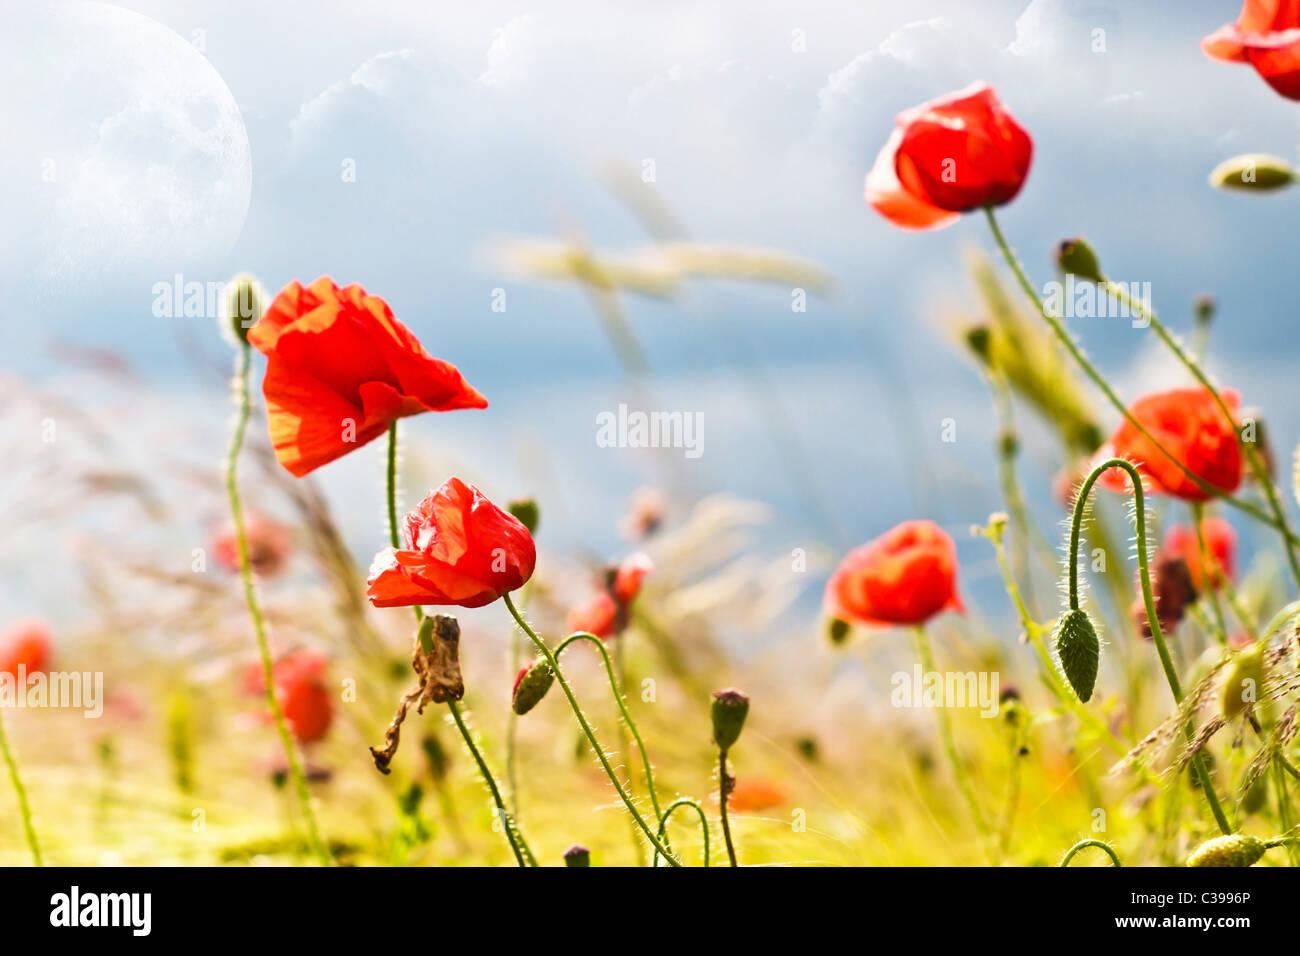 Fleurs sur fond coloré - macro photo Photo Stock